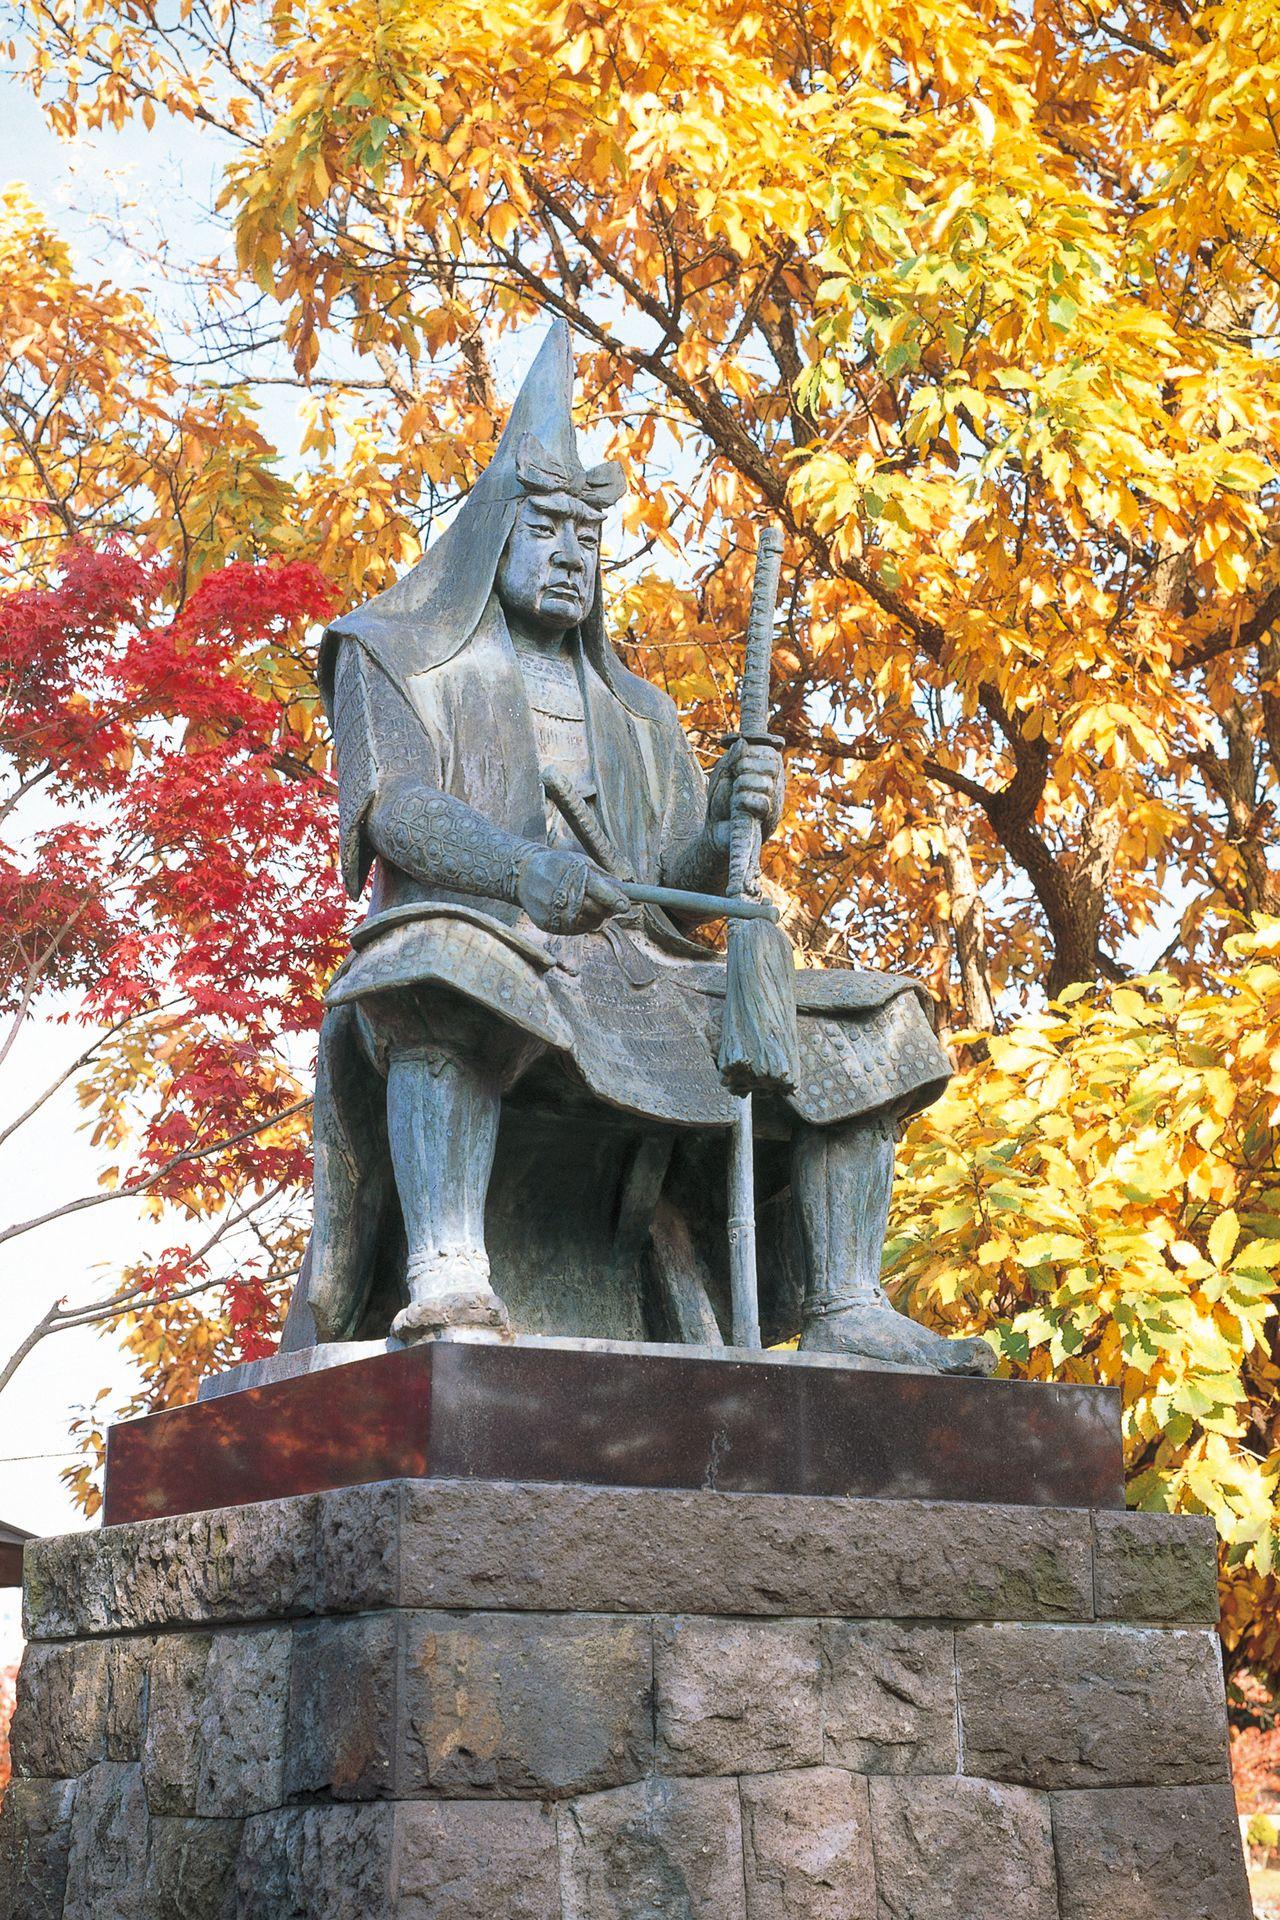 Estatua de Uesugi Kenshin en el recinto del santuario de Uesugi. (Fotografía cortesía de la Prefectura de Yamagata)